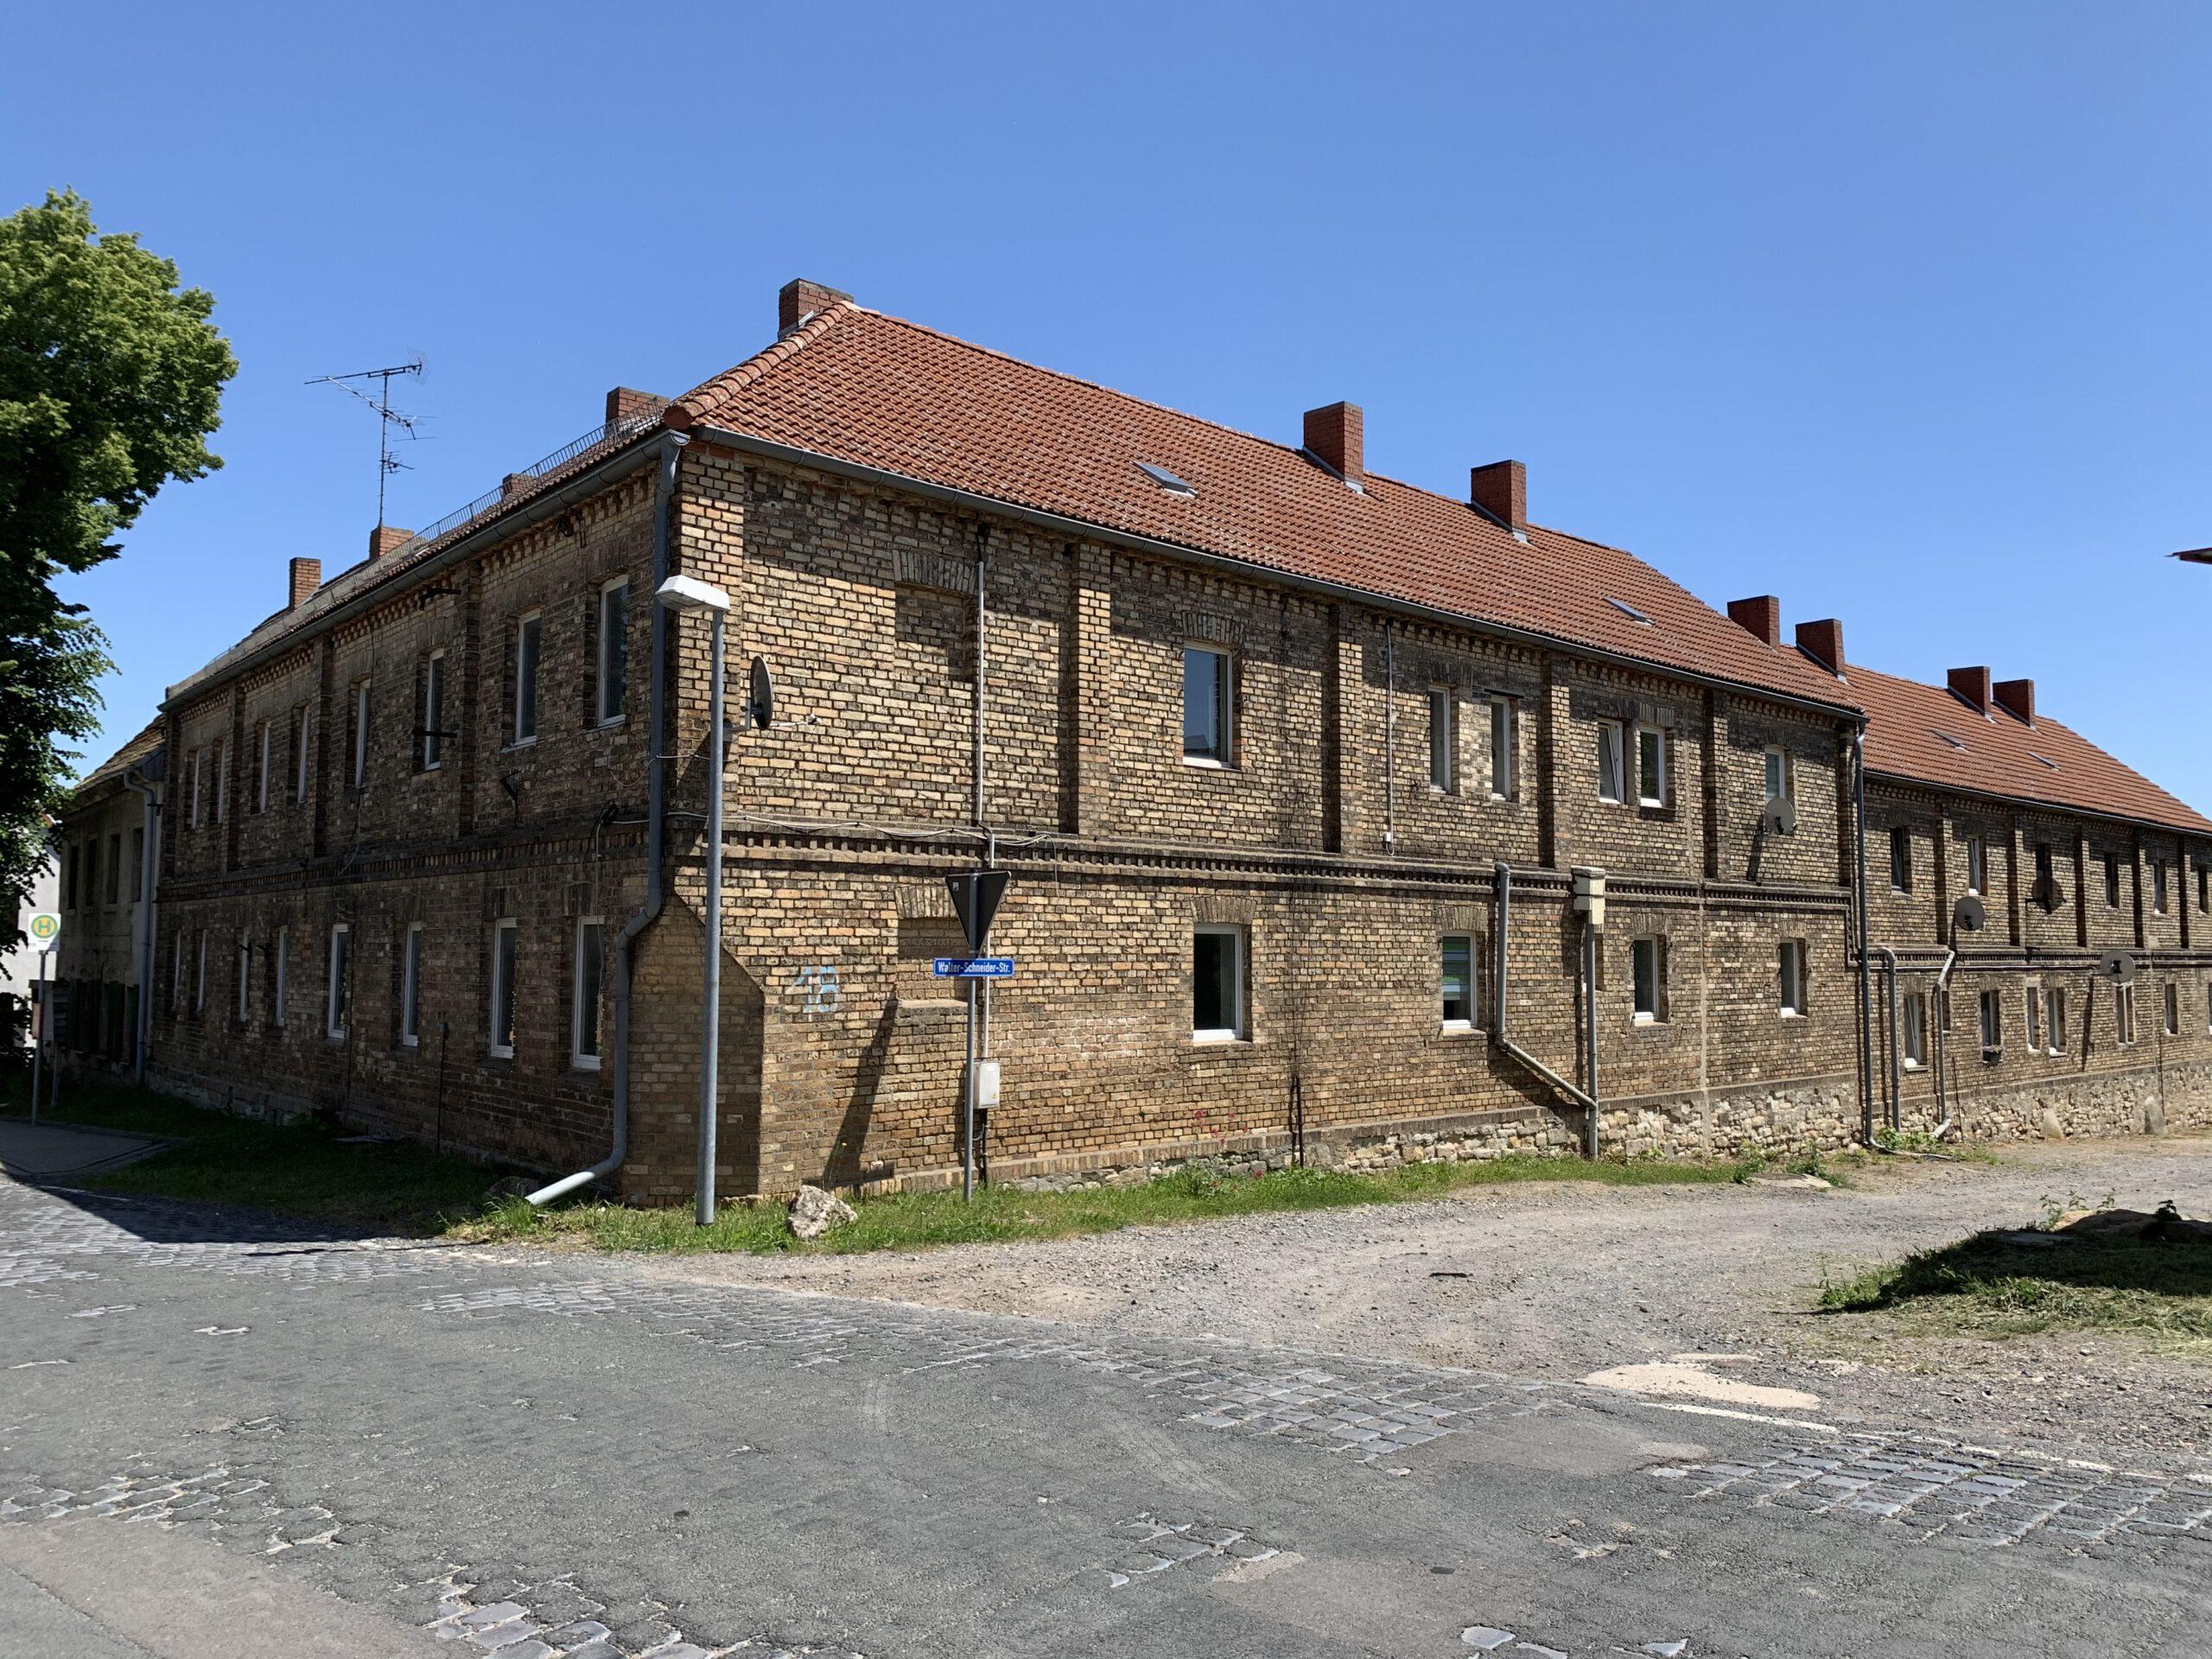 Ehemaliger Gutshof in Krimpe